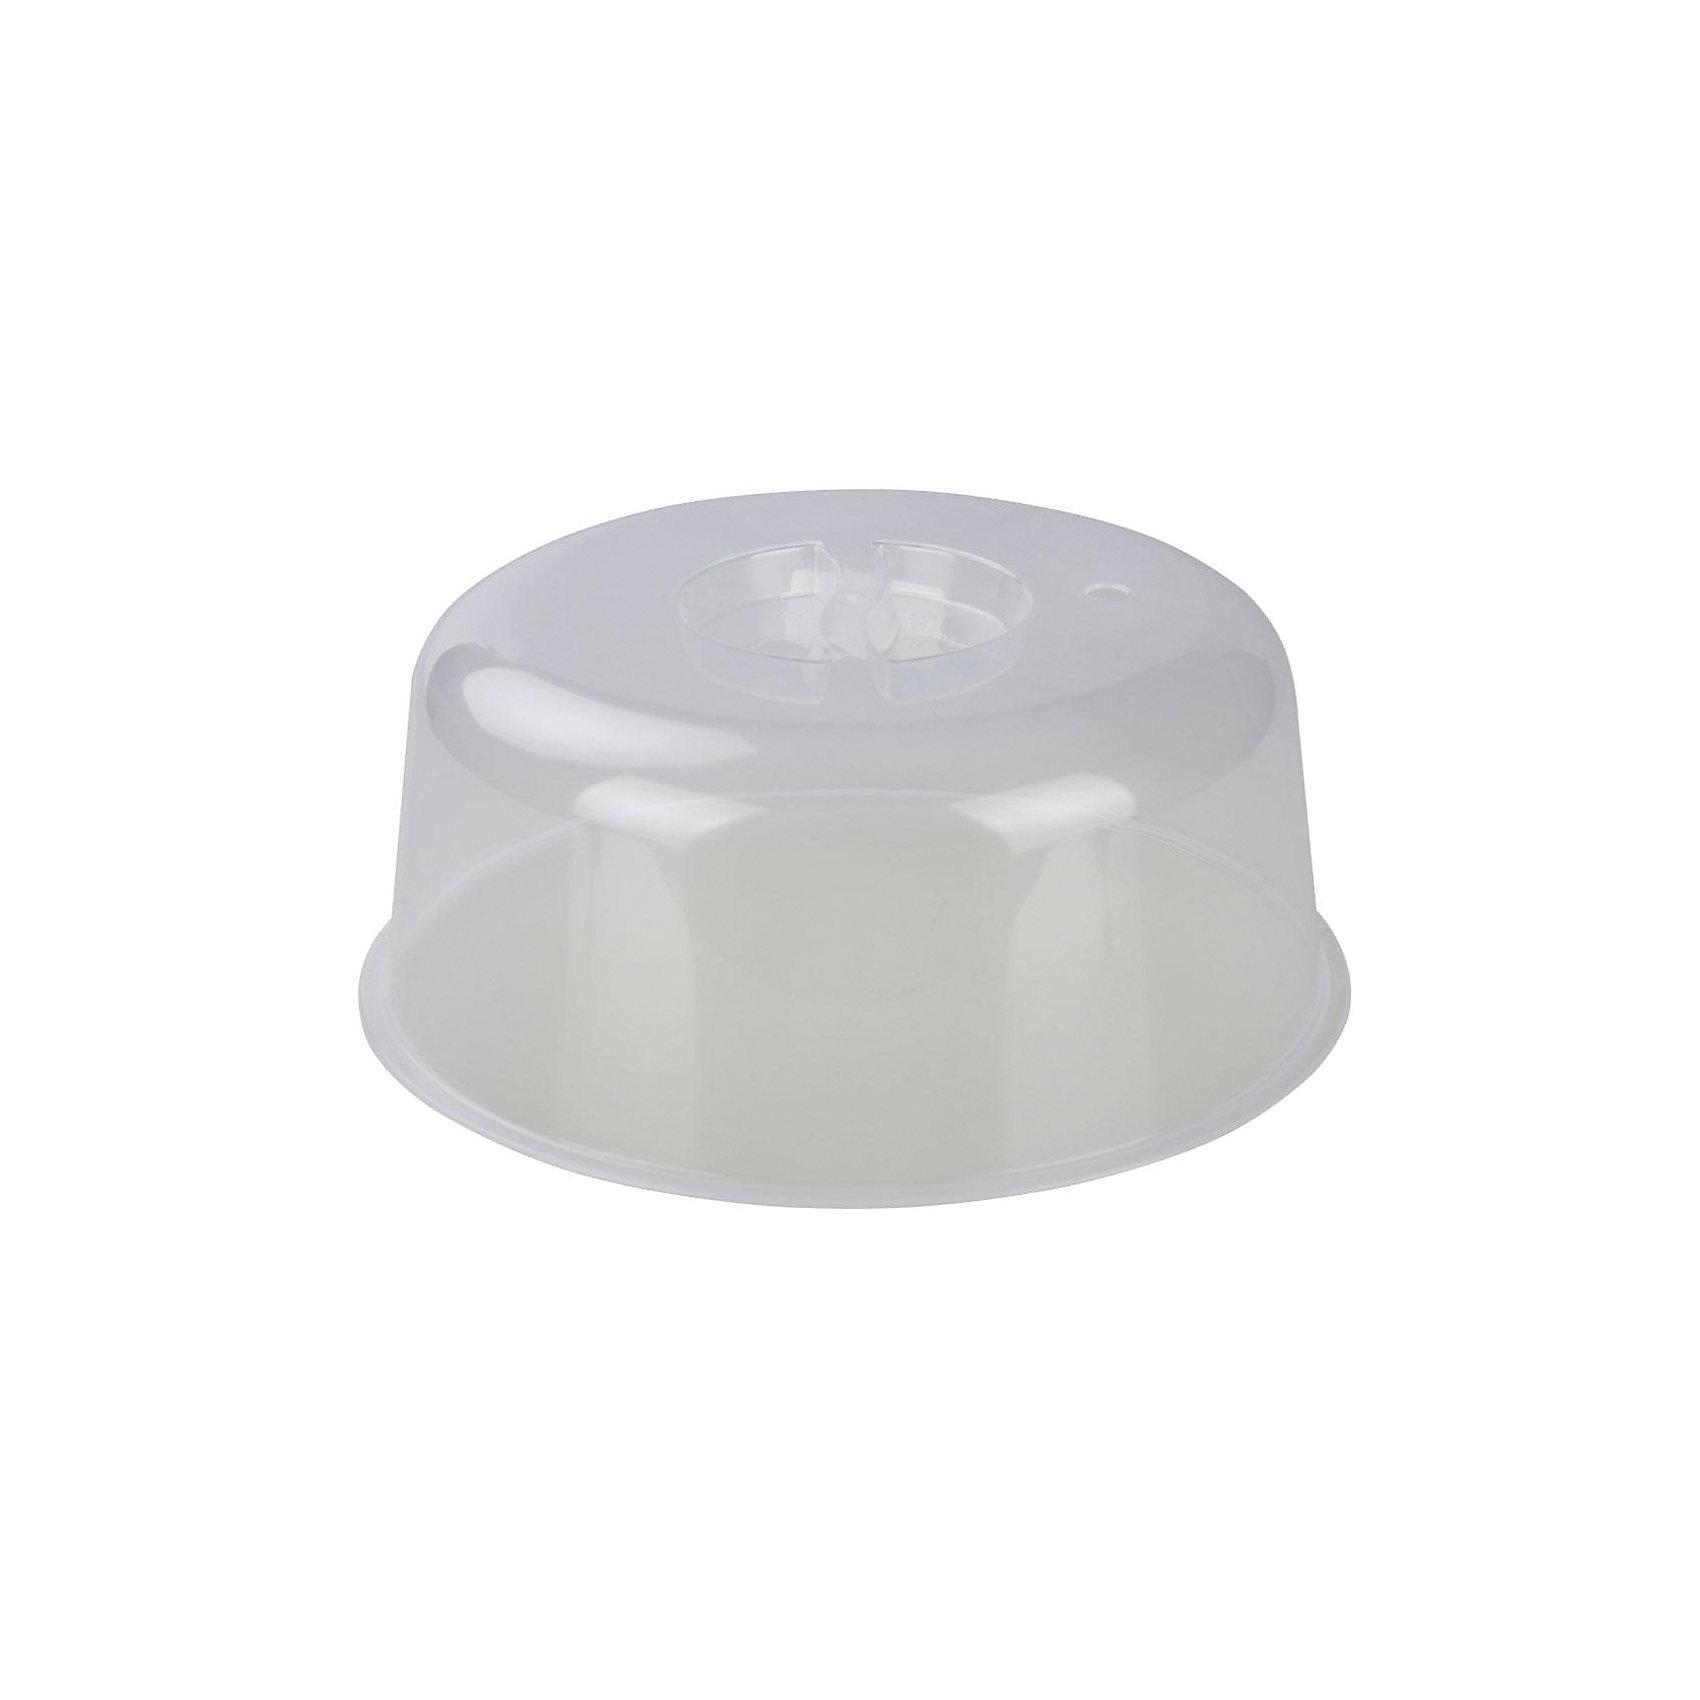 Крышка для СВЧ Смак  (диам. 250мм), Alternativa